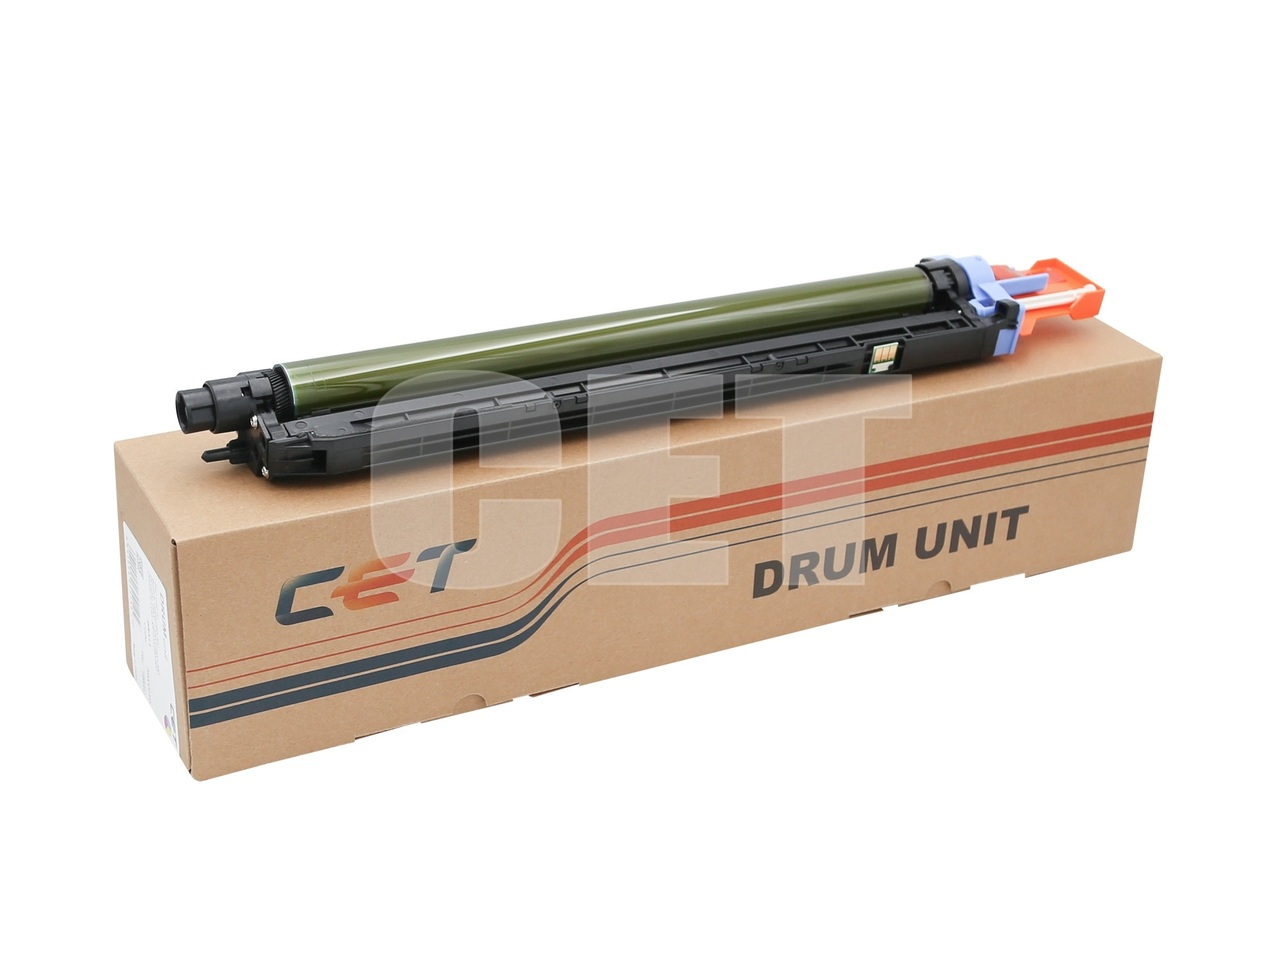 Драм-юнит DR-311 для KONICA MINOLTA BizhubC220/C280/C360 (CET) CMY, 80000 стр., CET7984U